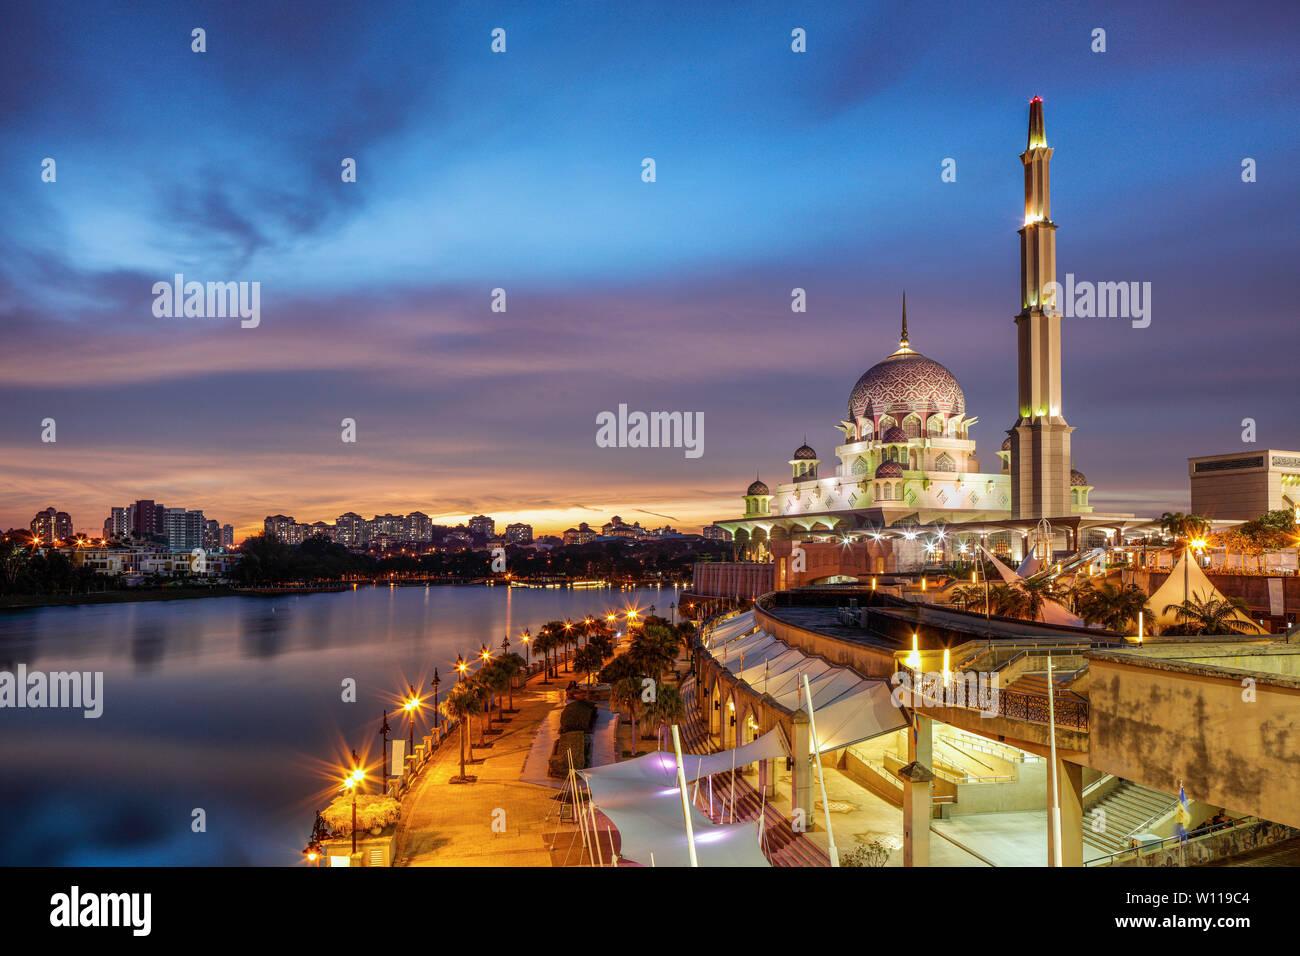 L'heure bleue à la mosquée Putra, Putrajaya, Malaisie. Banque D'Images